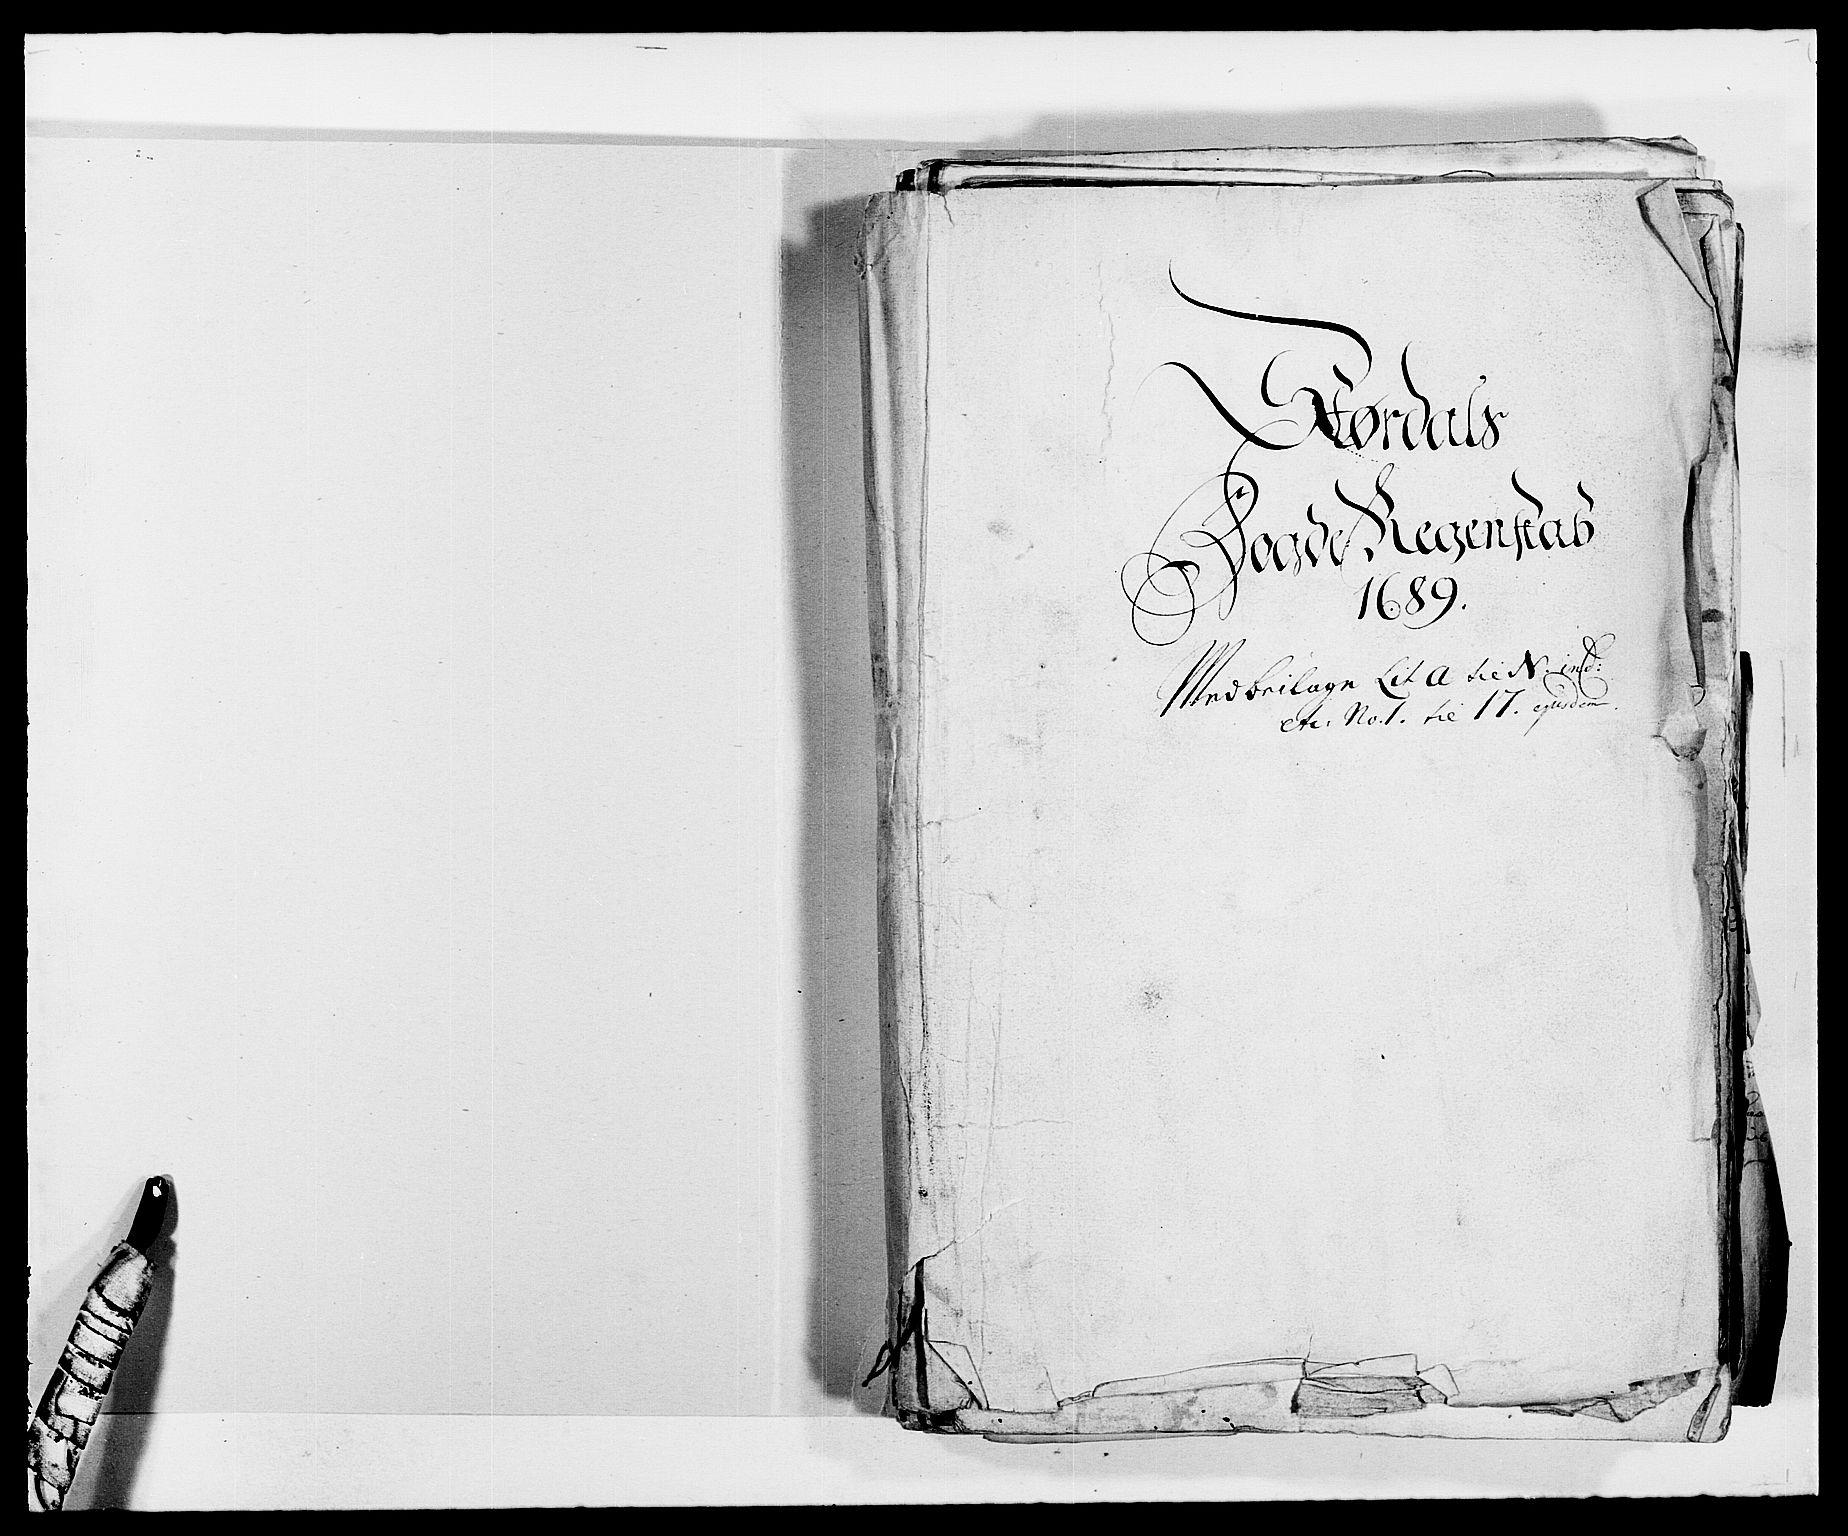 RA, Rentekammeret inntil 1814, Reviderte regnskaper, Fogderegnskap, R62/L4183: Fogderegnskap Stjørdal og Verdal, 1687-1689, s. 300